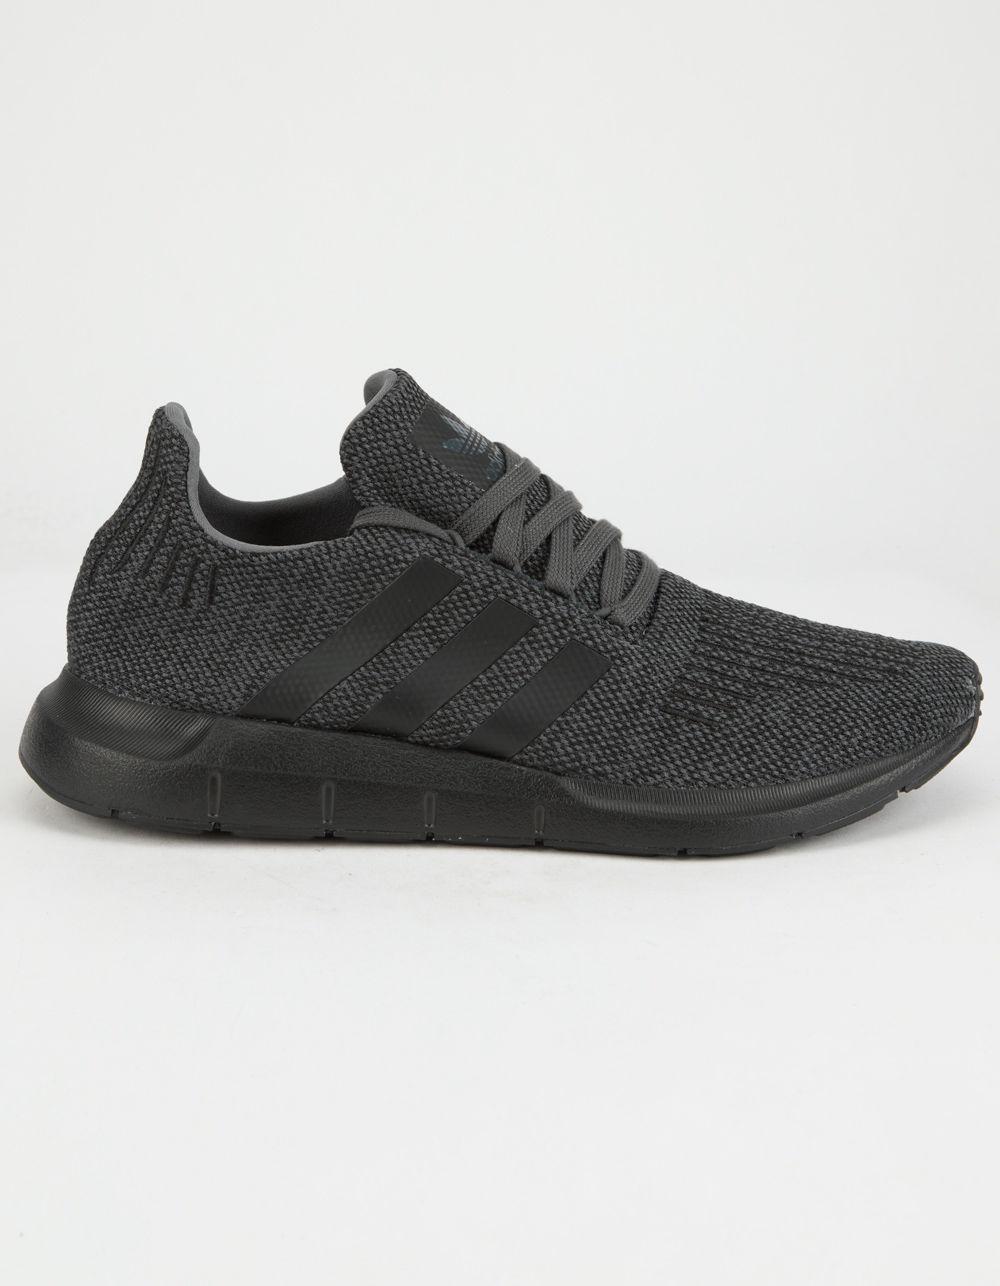 lyst adidas swift run scarpe in grigio per gli uomini.